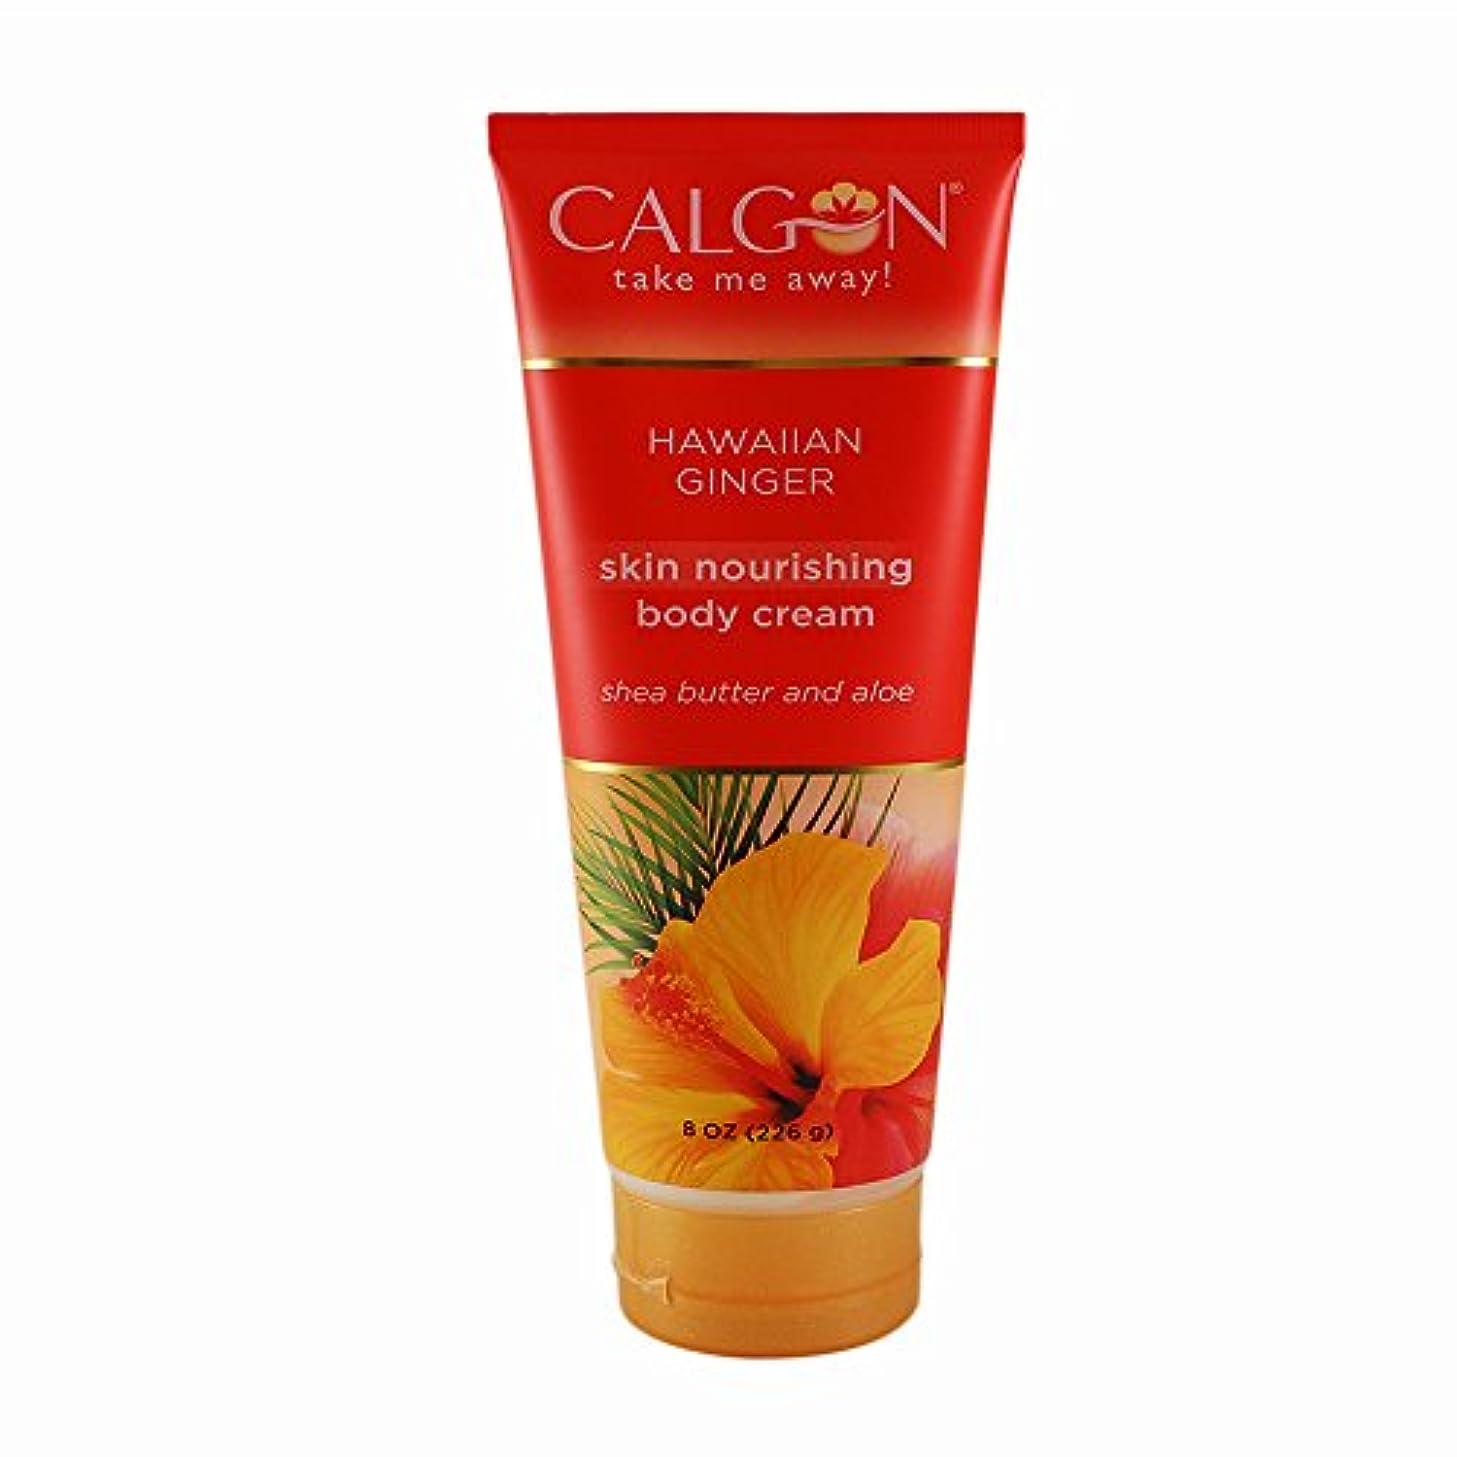 マージなぜマーチャンダイジングカルゴン(CALGON) ハワイアンジンジャー ボディクリーム Body Cream